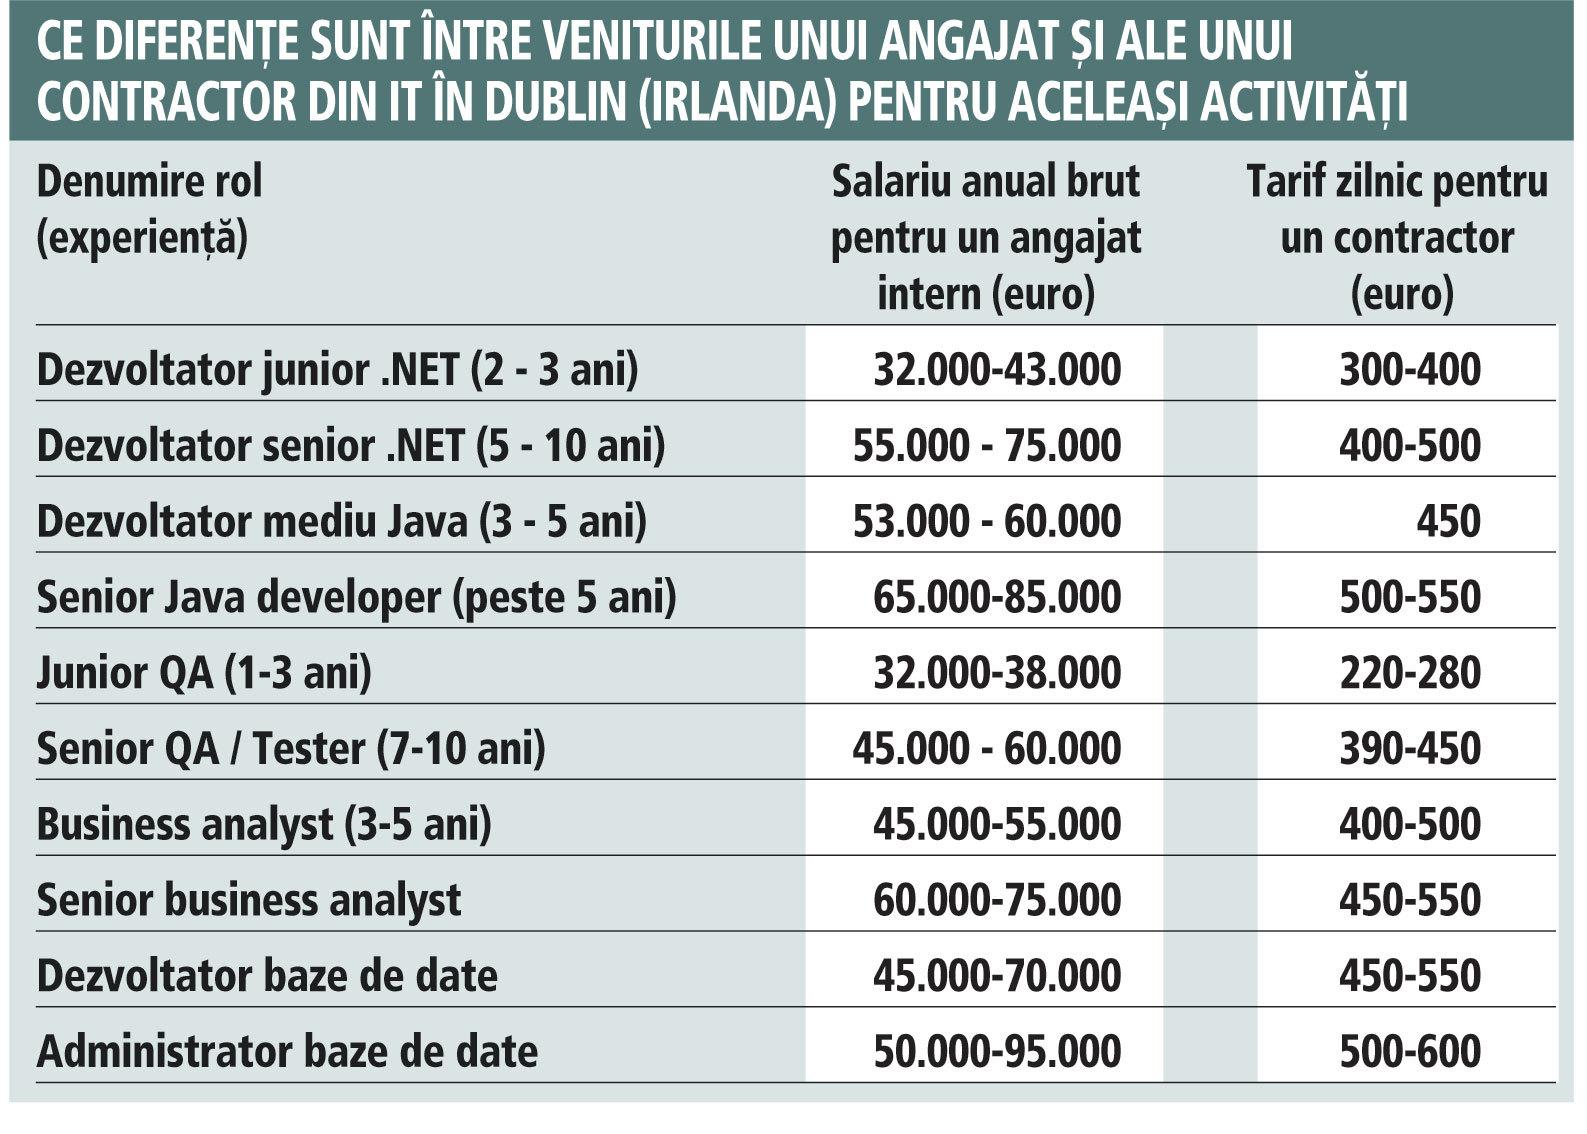 Ionuţ Scripcaru, consultant IT: Cum e mai bine pentru un IT-ist: să lucreze în România sau în străinătate?